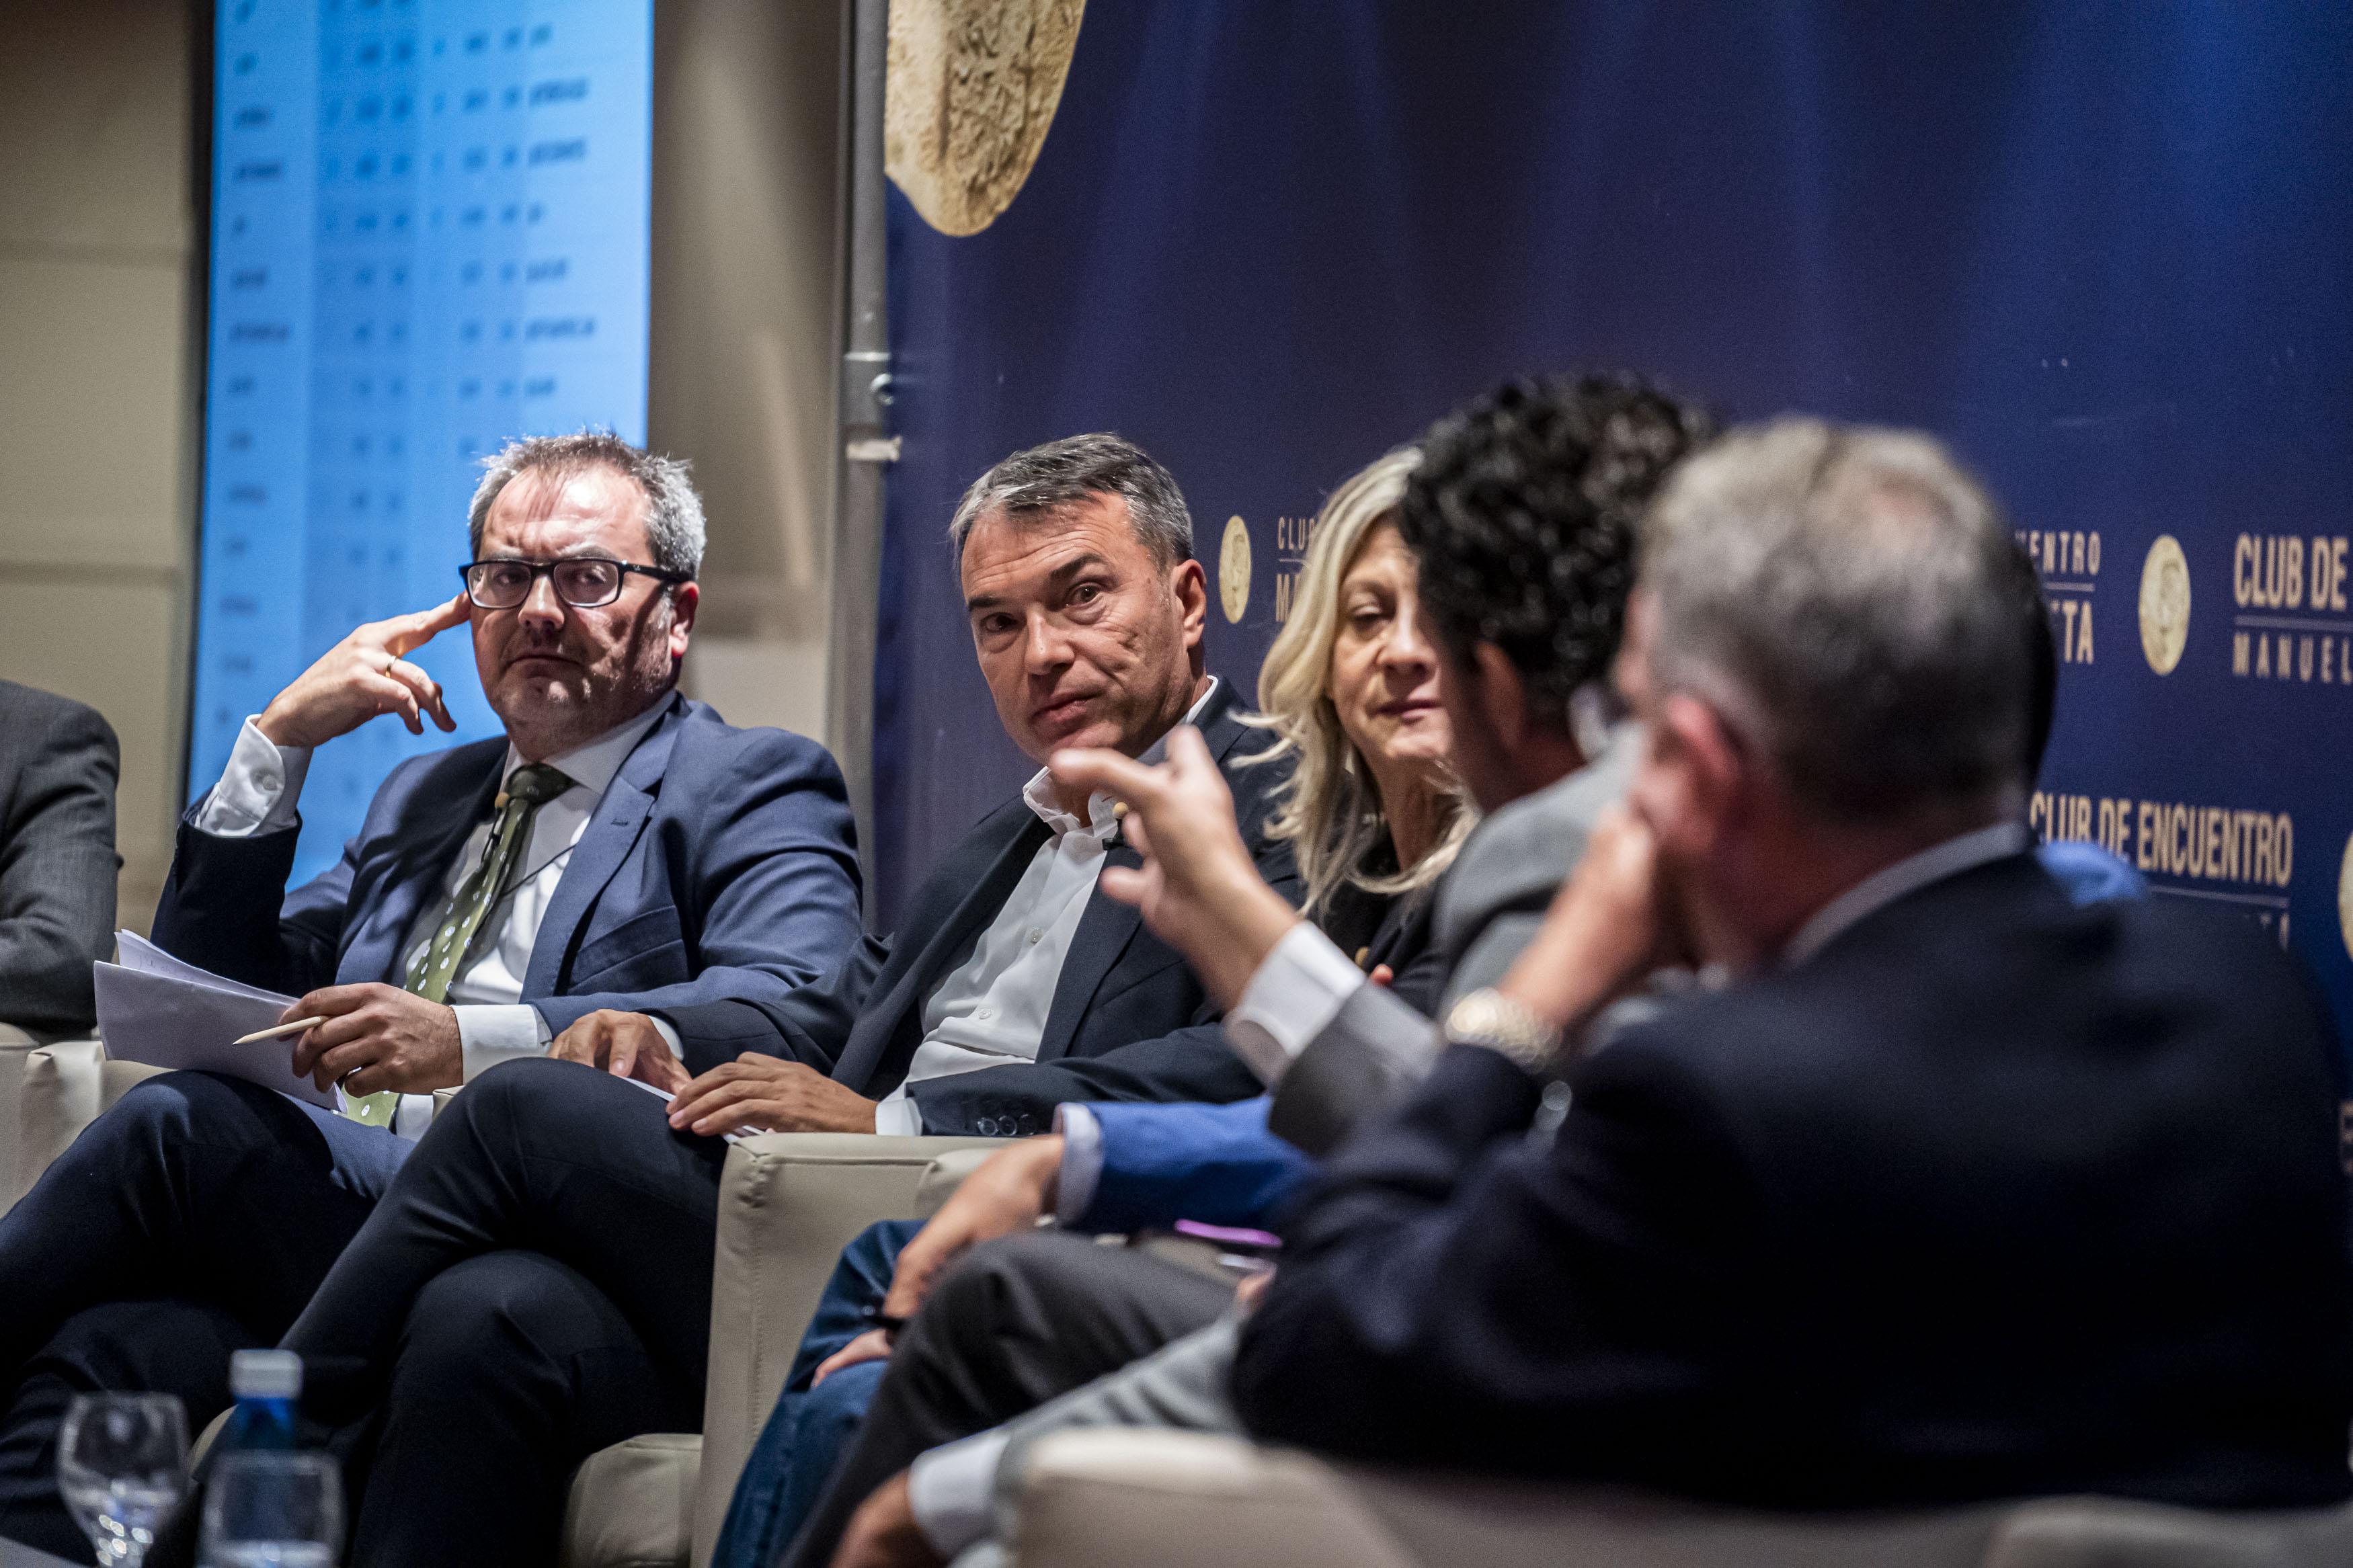 Los directores de medios valencianos analizan los resultados electorales del 10N XII